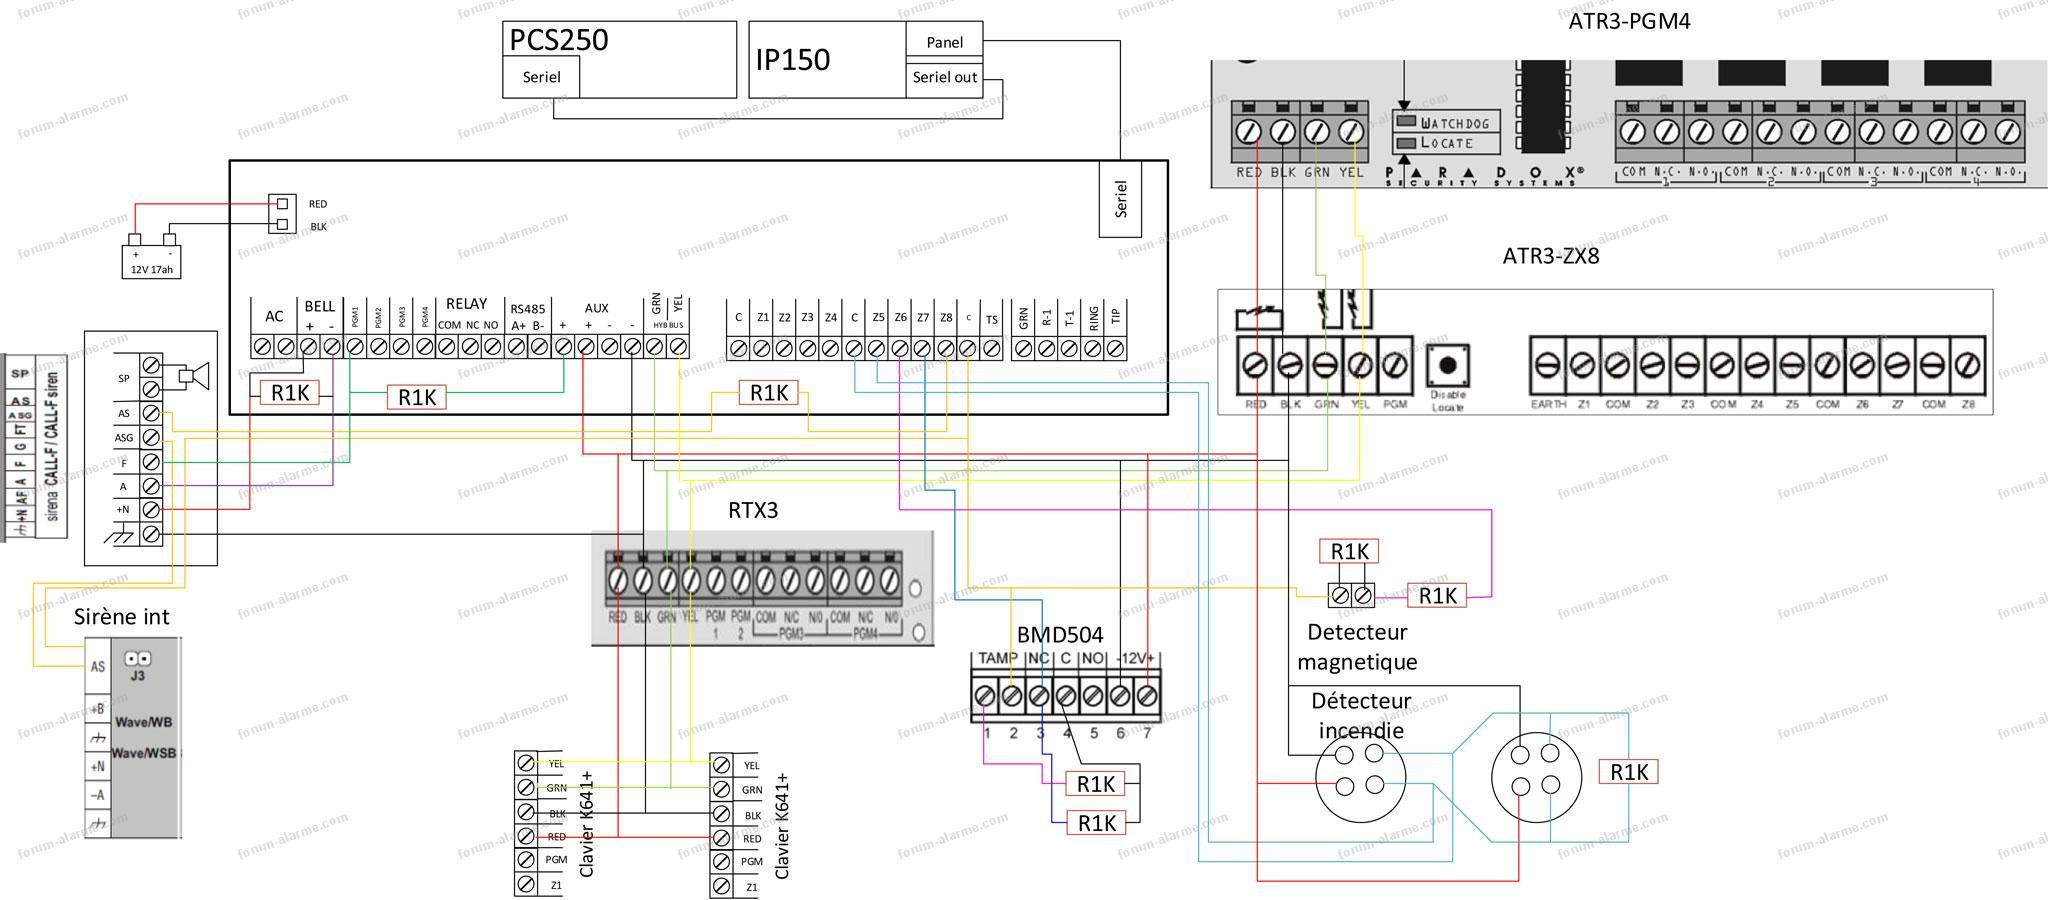 Schéma câblage alarme Paradox V2